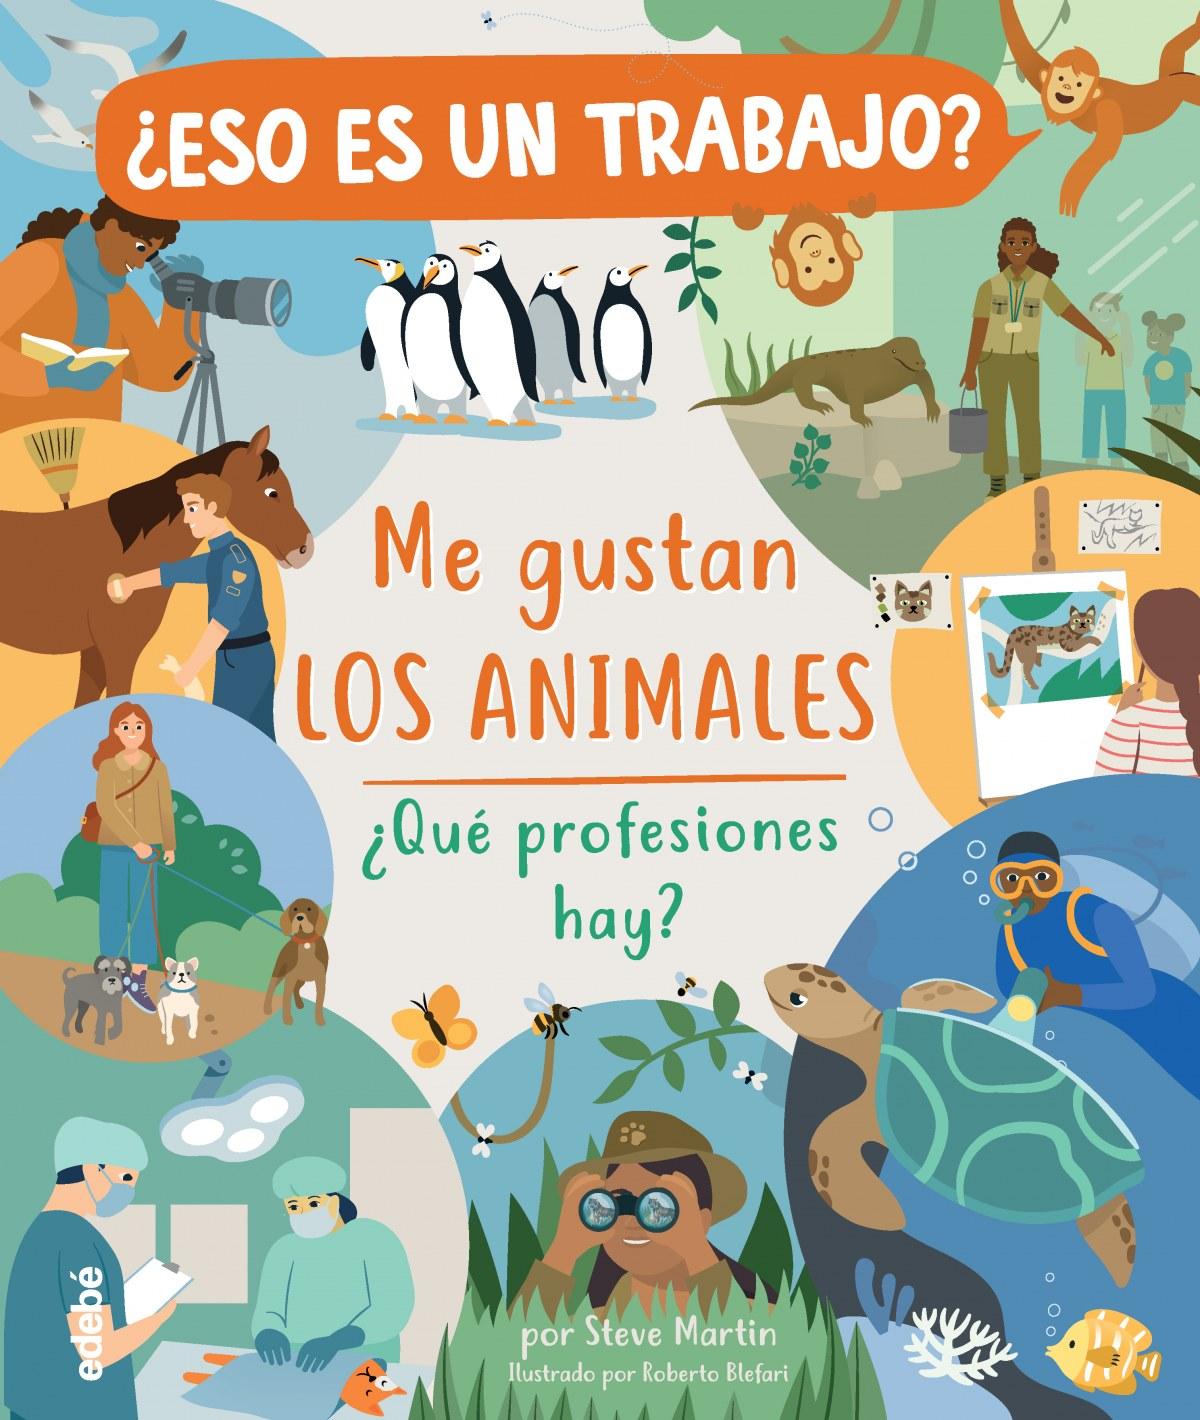 ESO ES UN TRABAJO ME GUSTAN LOS ANIMALES